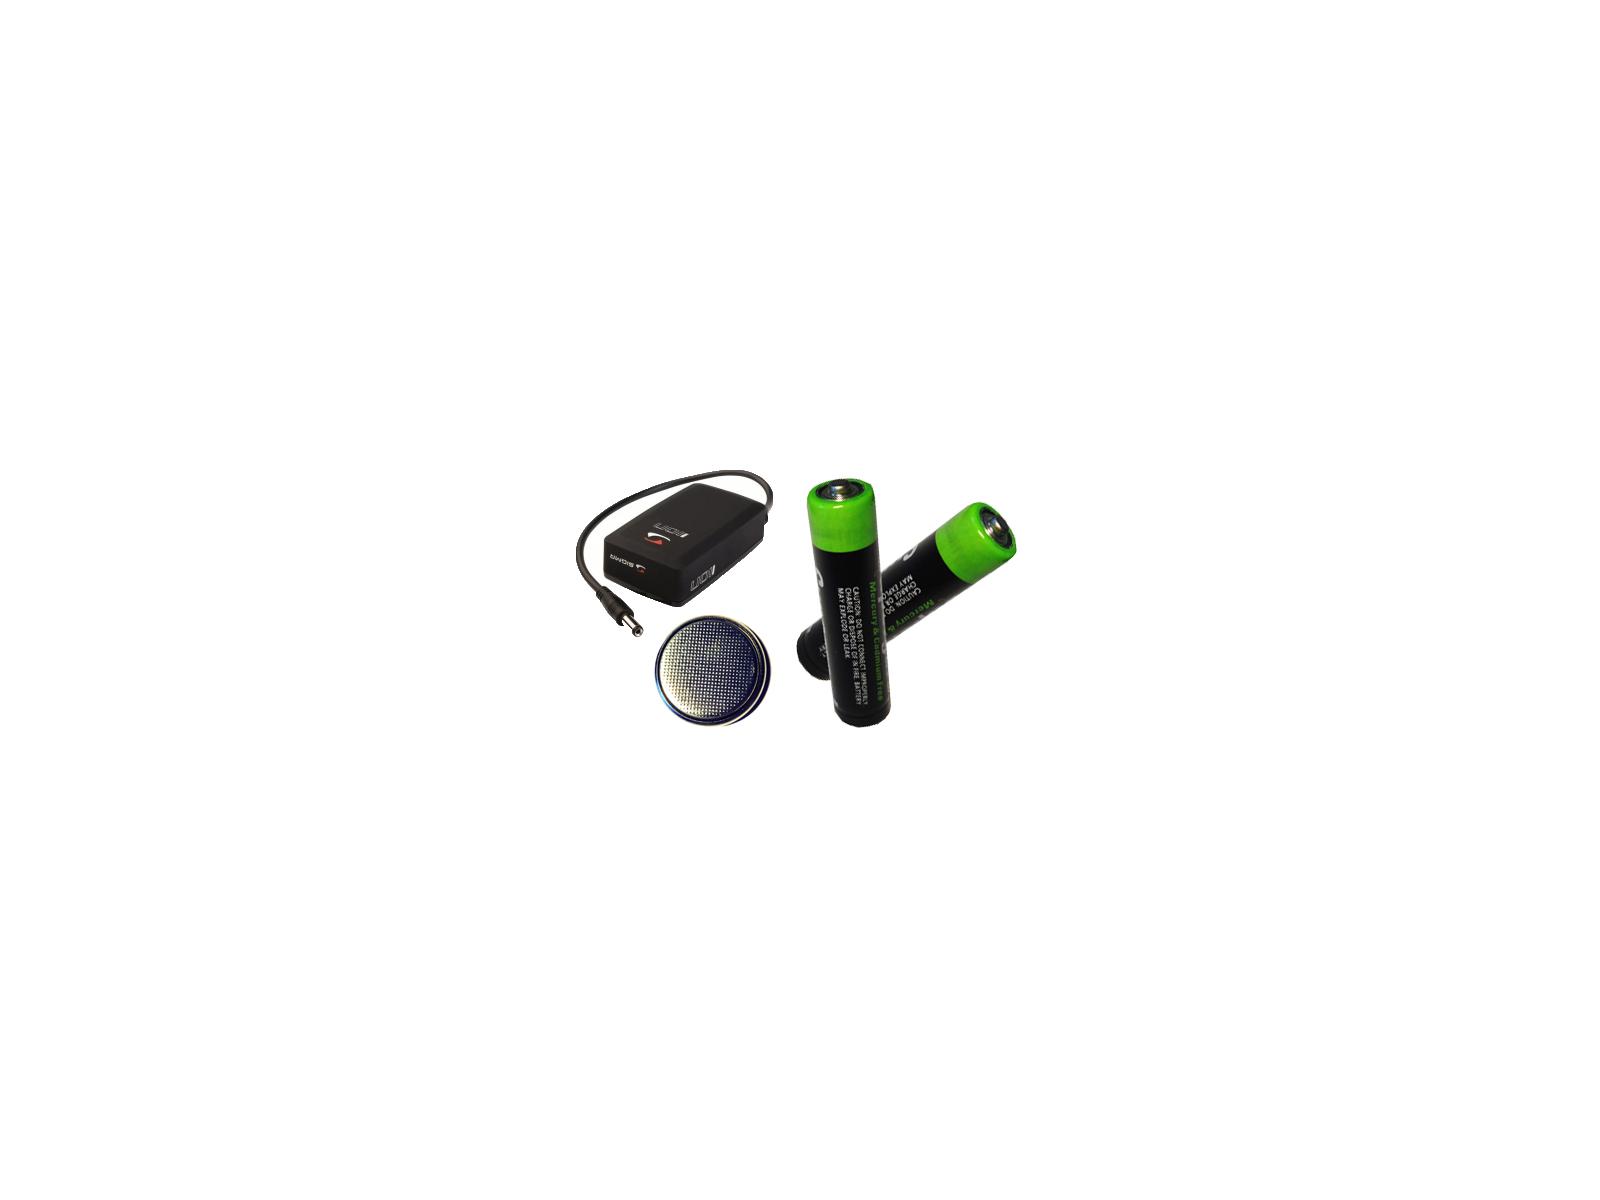 Batterier till cykellyktor